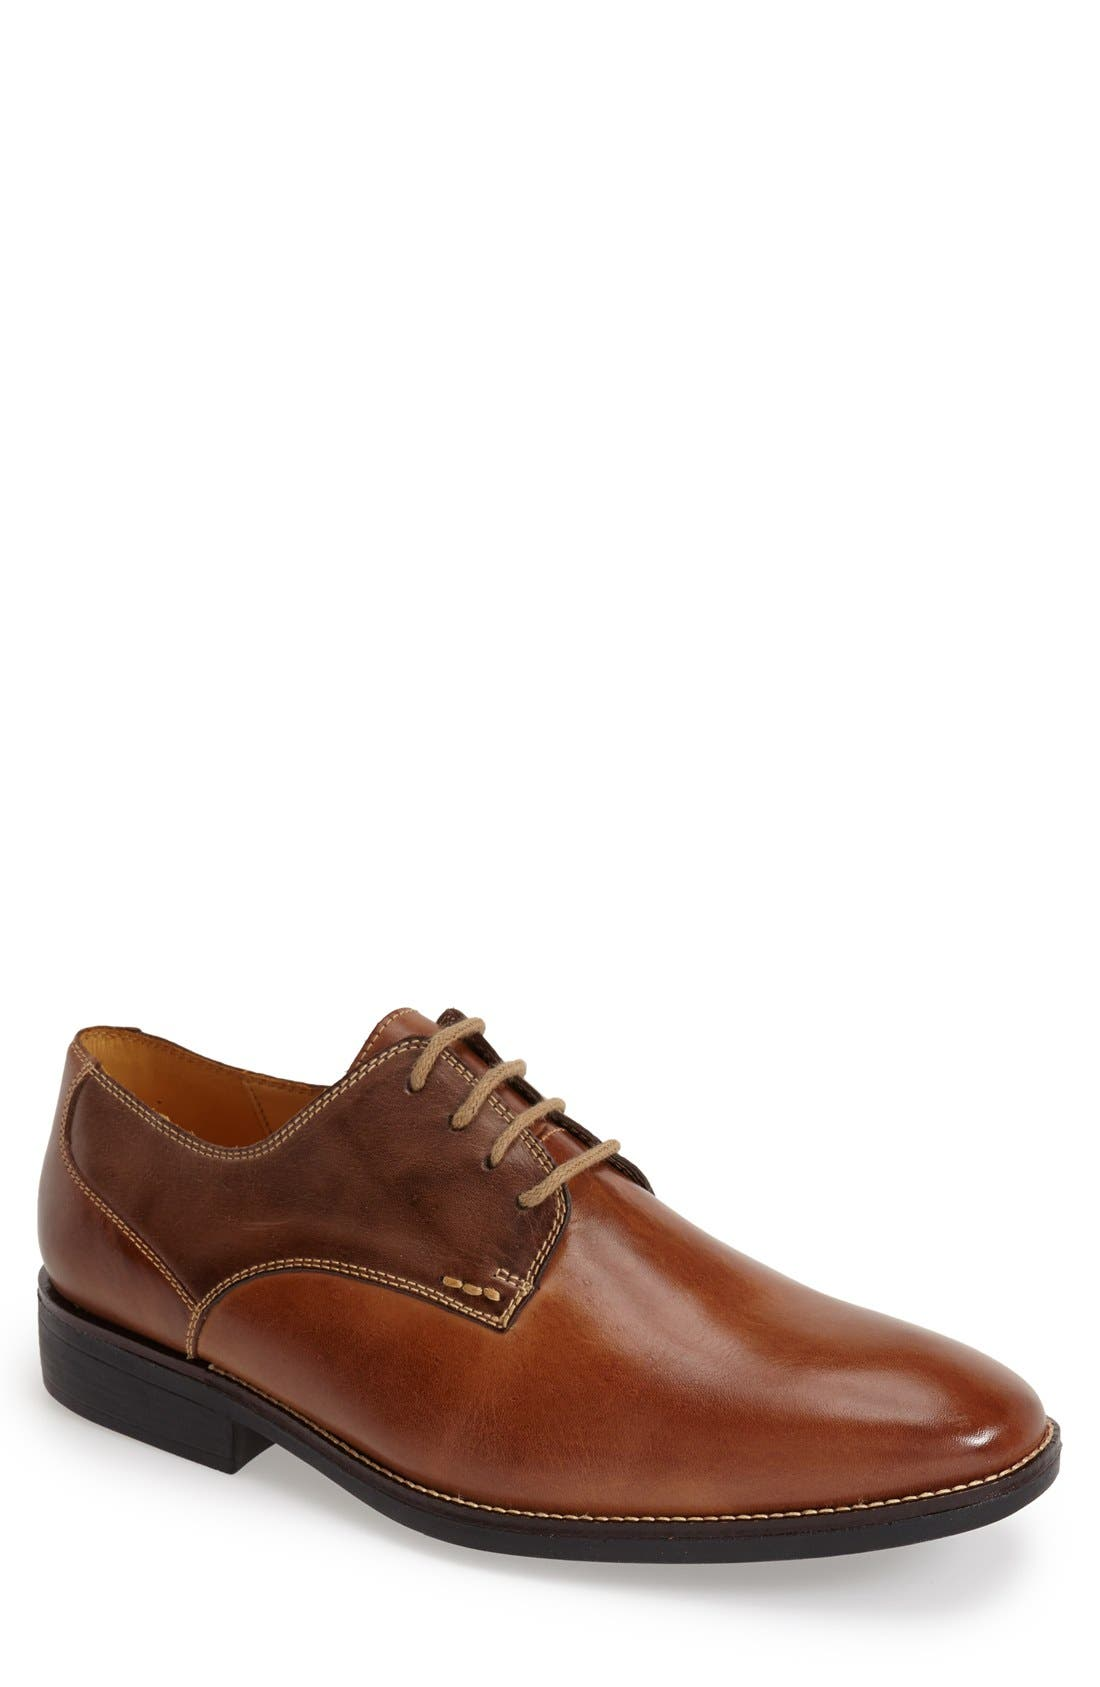 'Olsen' Plain Toe Derby,                         Main,                         color, Brown